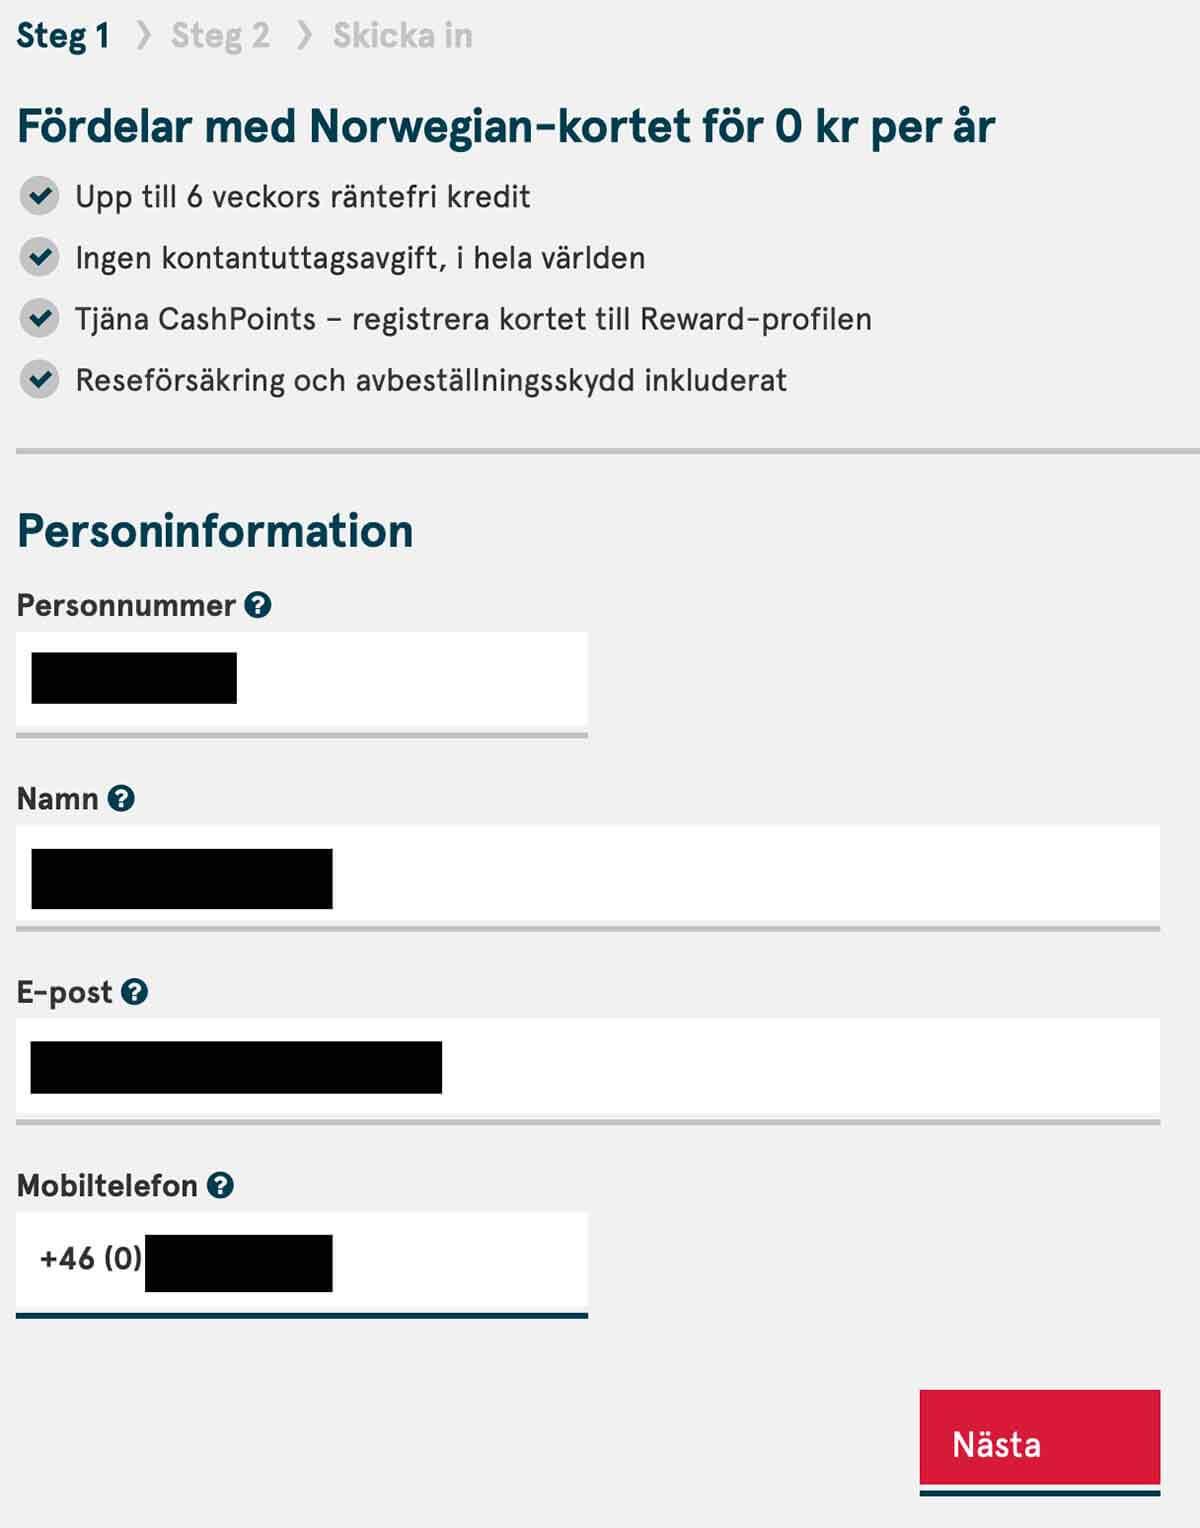 Steg 1 i ansökan om kreditkort från Norwegian - personinformation